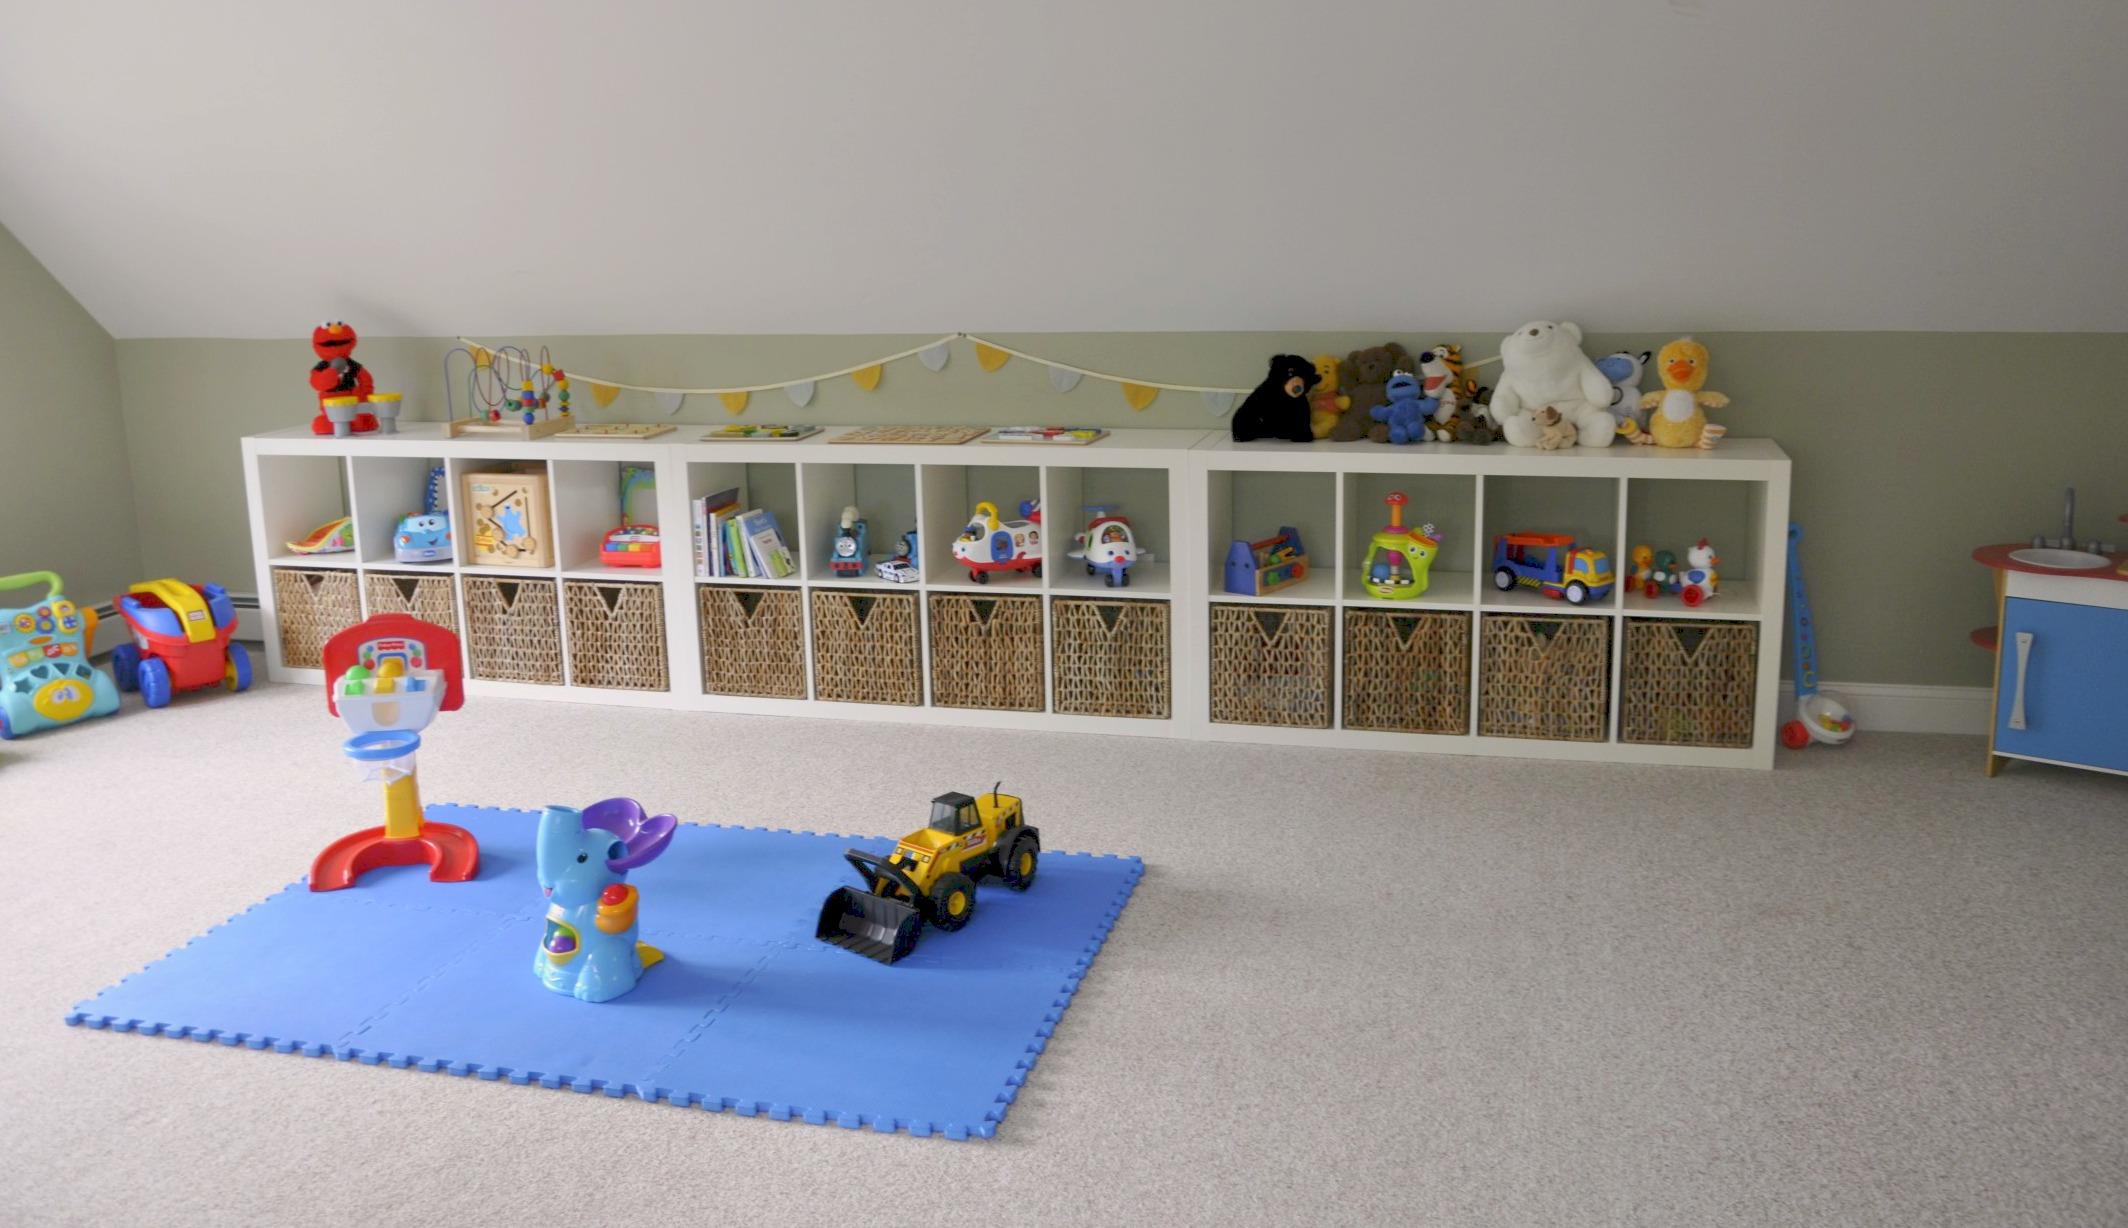 Playroom: Ikea Expedit Playroom Storage